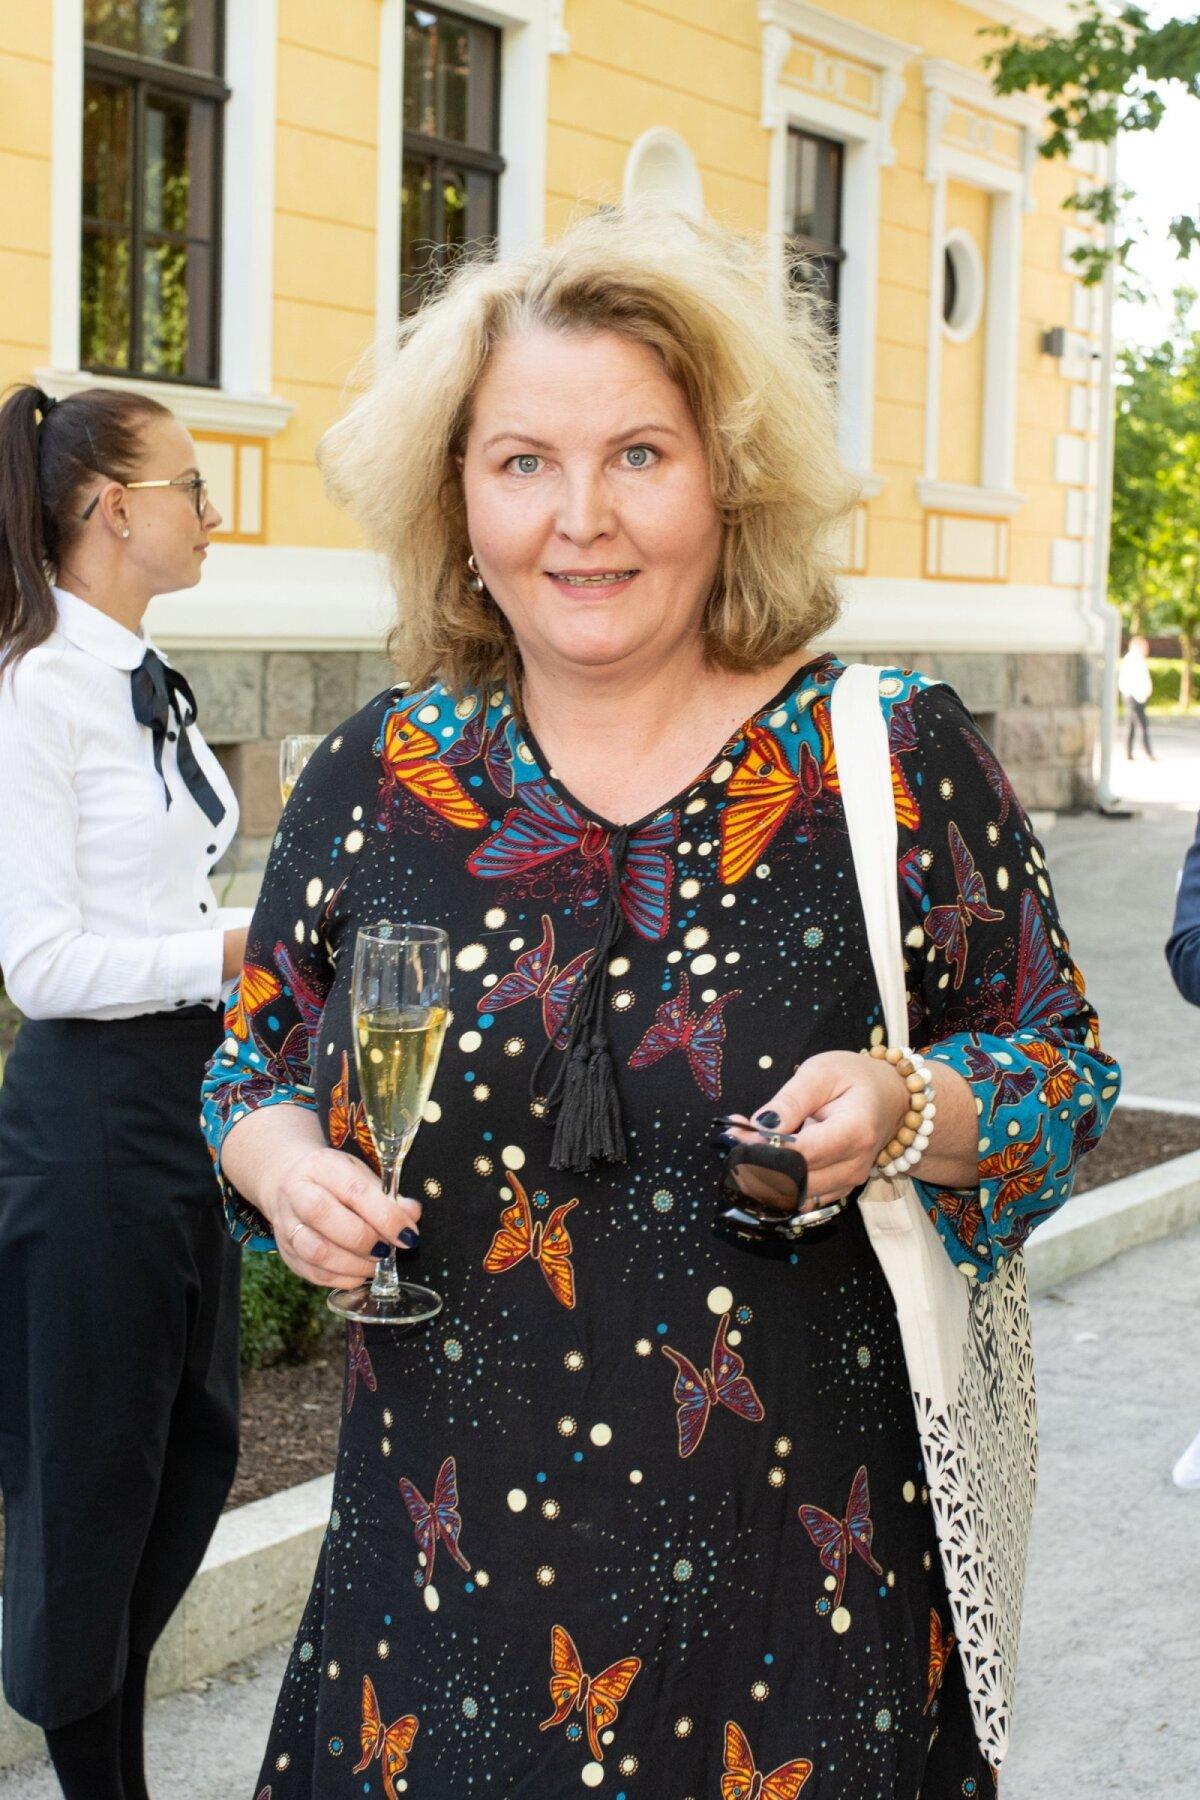 HEA NAABER Viljandi mõis Schloss Fellin asub jalutuskäigu kaugusel Ugala teatrist. Kultuurikantsi esindas esitlusel teatrijuht Garmen Tabor.